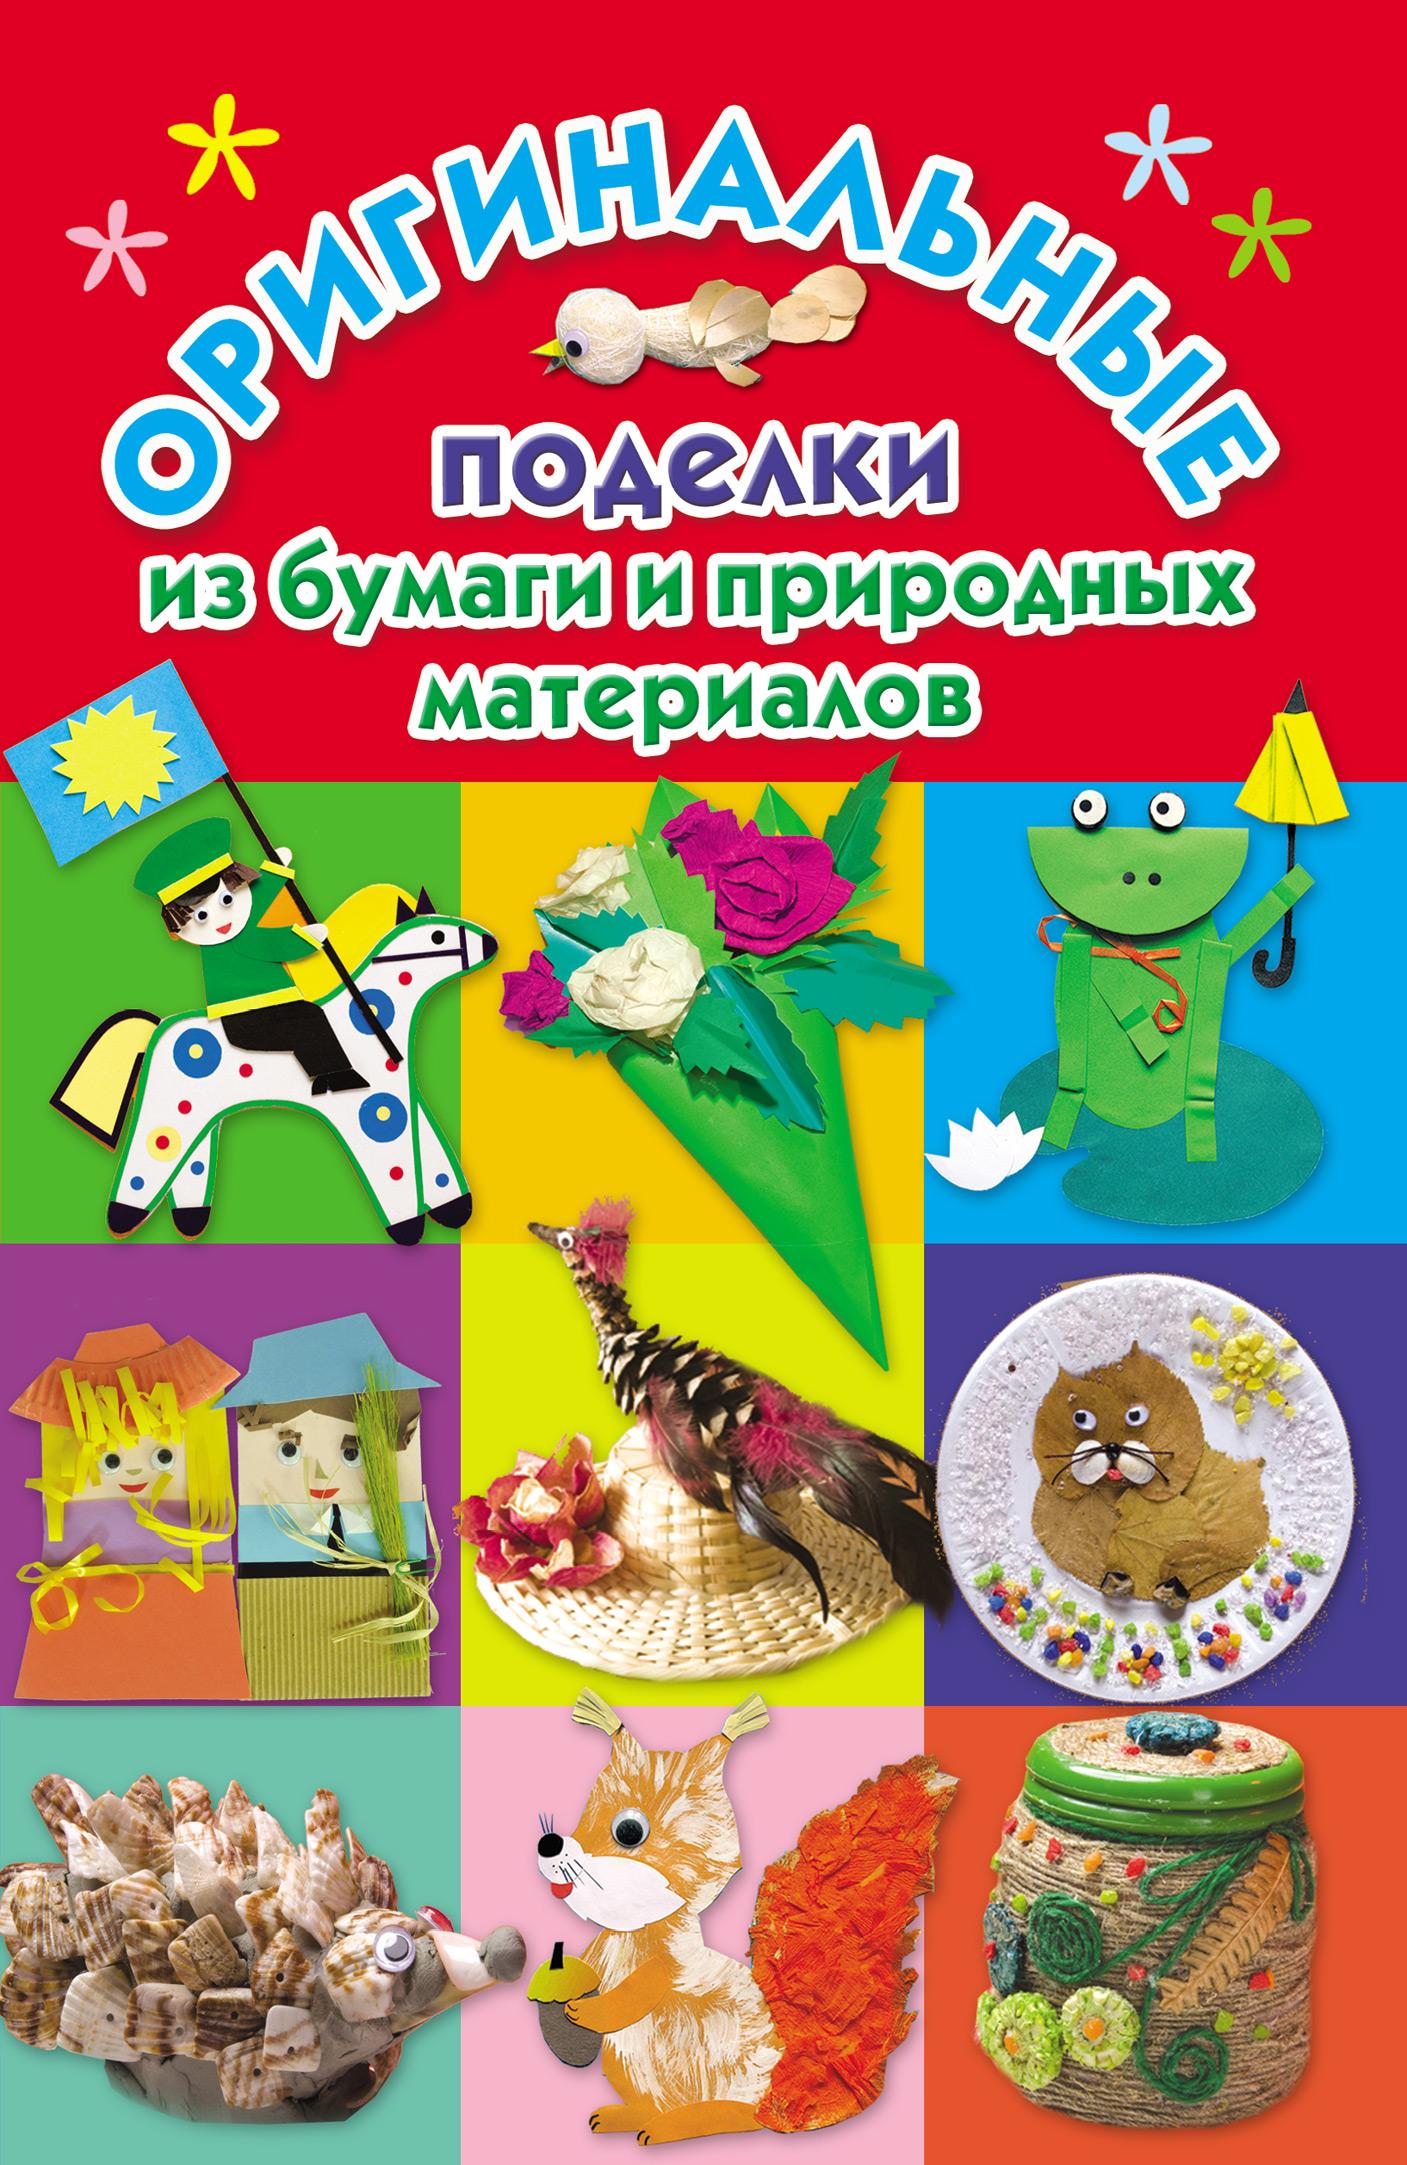 цена на Наталия Дубровская Оригинальные поделки из бумаги и природных материалов